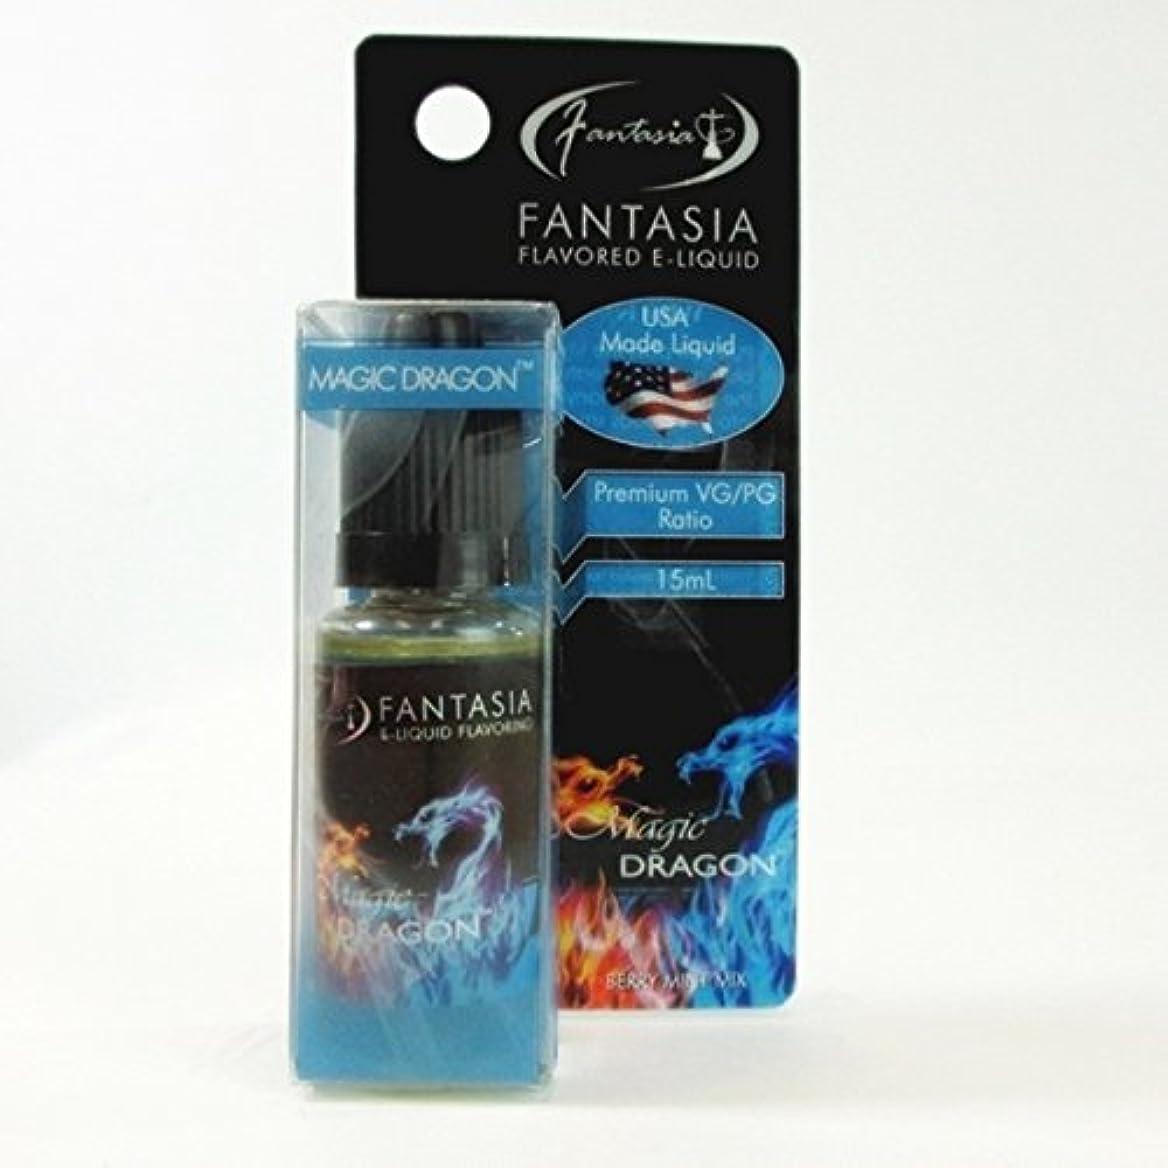 ドラム矛盾する少年極上リキッド Fantasia マジックドラゴン Magic Dragon 15ml 電子タバコ 電子たばこ 詰め替え ベイプ